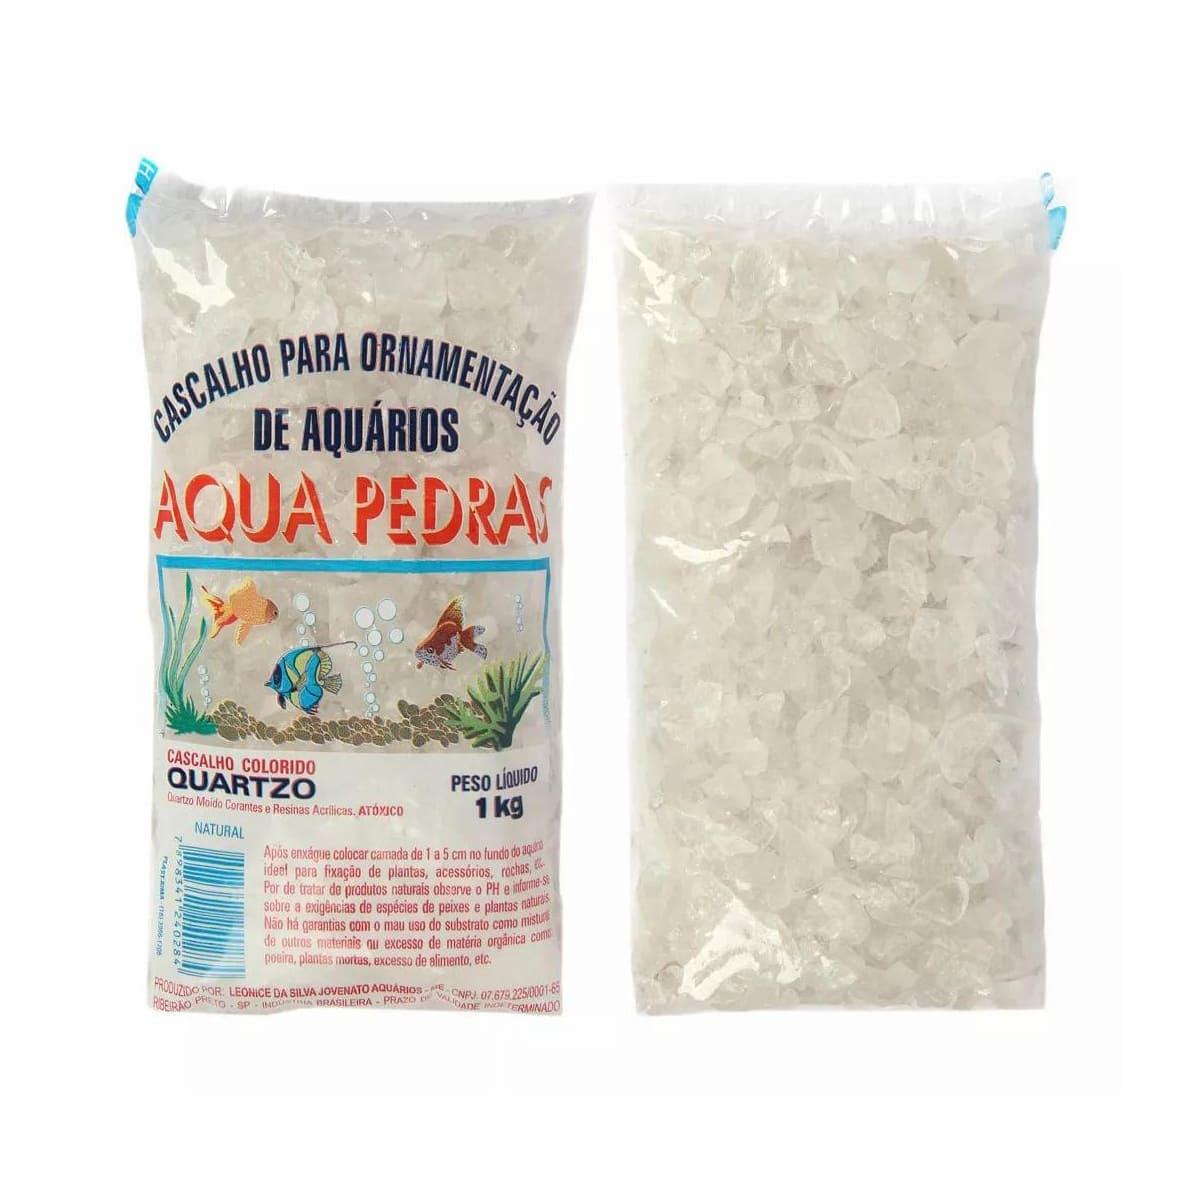 Substrato Cristal Natural para Aquários e Jardins N°2 - 1kg